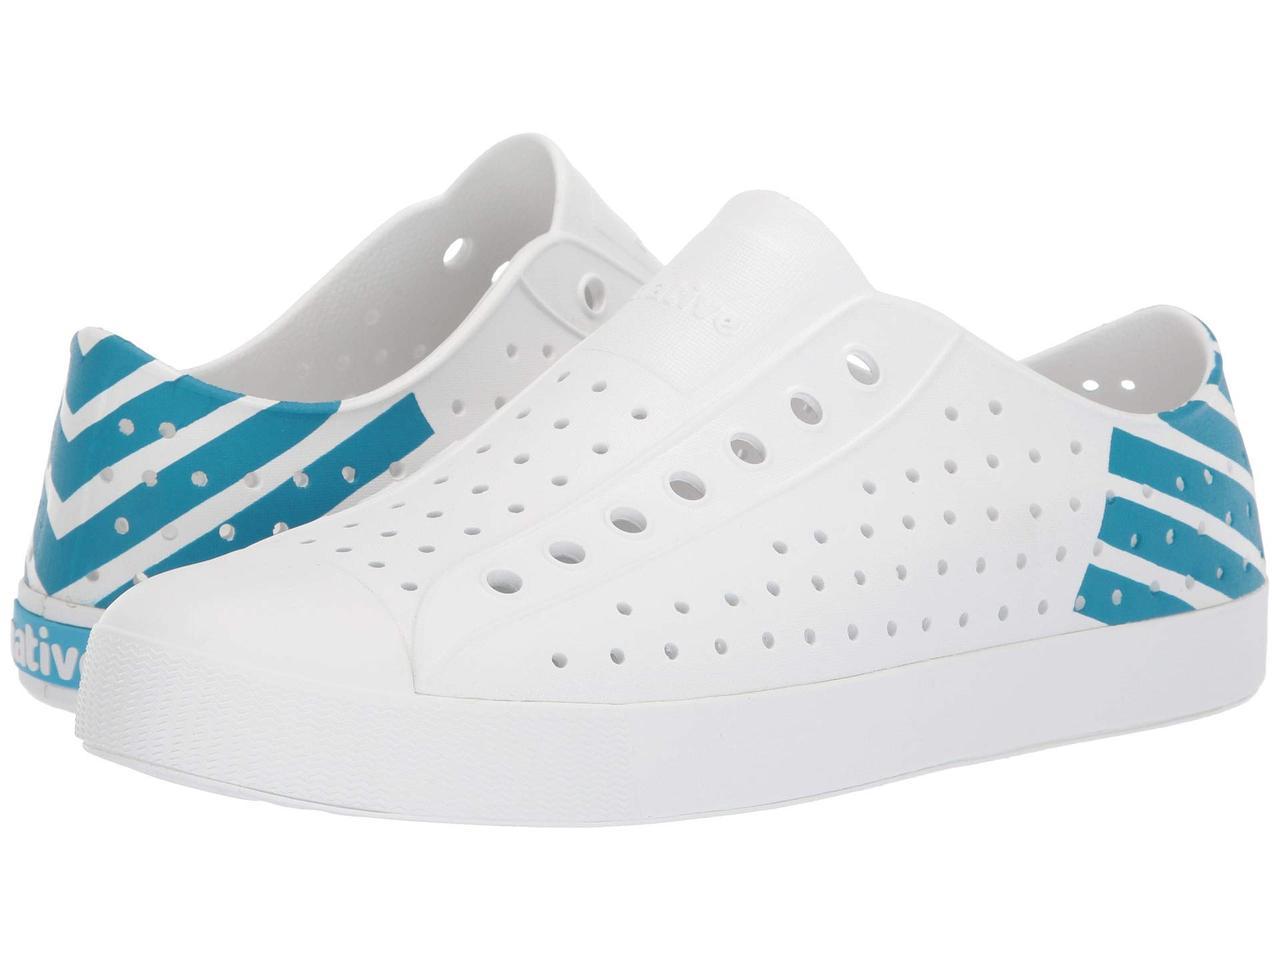 60005f4279a6 Кроссовки/Кеды (Оригинал) Native Shoes Jefferson Shell White/Shell  White/Ultra Blue Glow Block